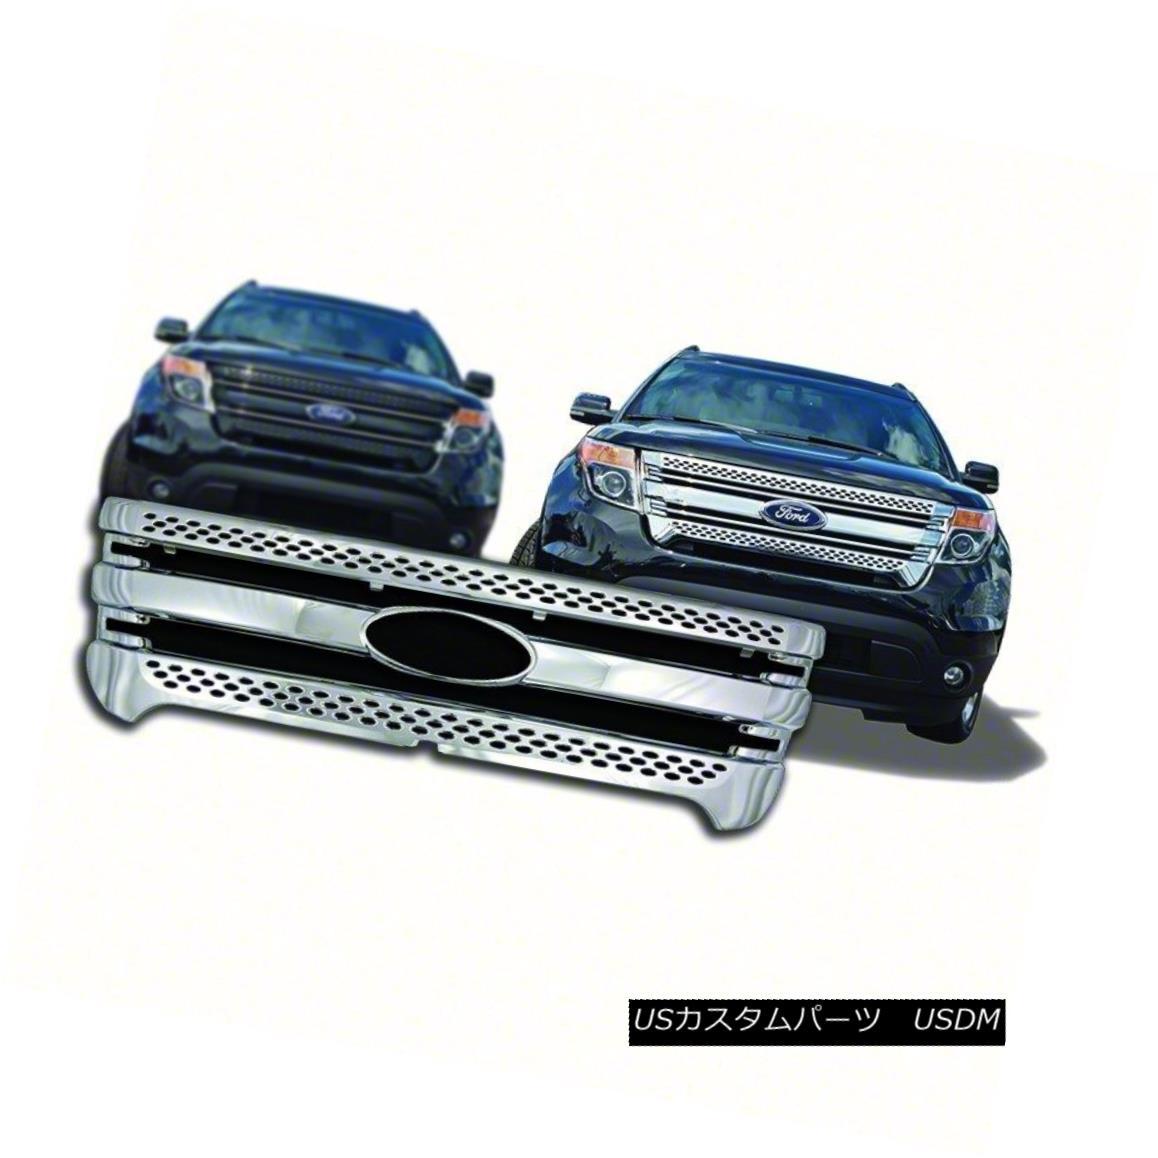 グリル Fits 2011-15 Ford Explorer-IWCGI91-Chrome Grille Overlay 2011-15 Ford Explorer-IWCGI 91-クロームグリルオーバーレイ